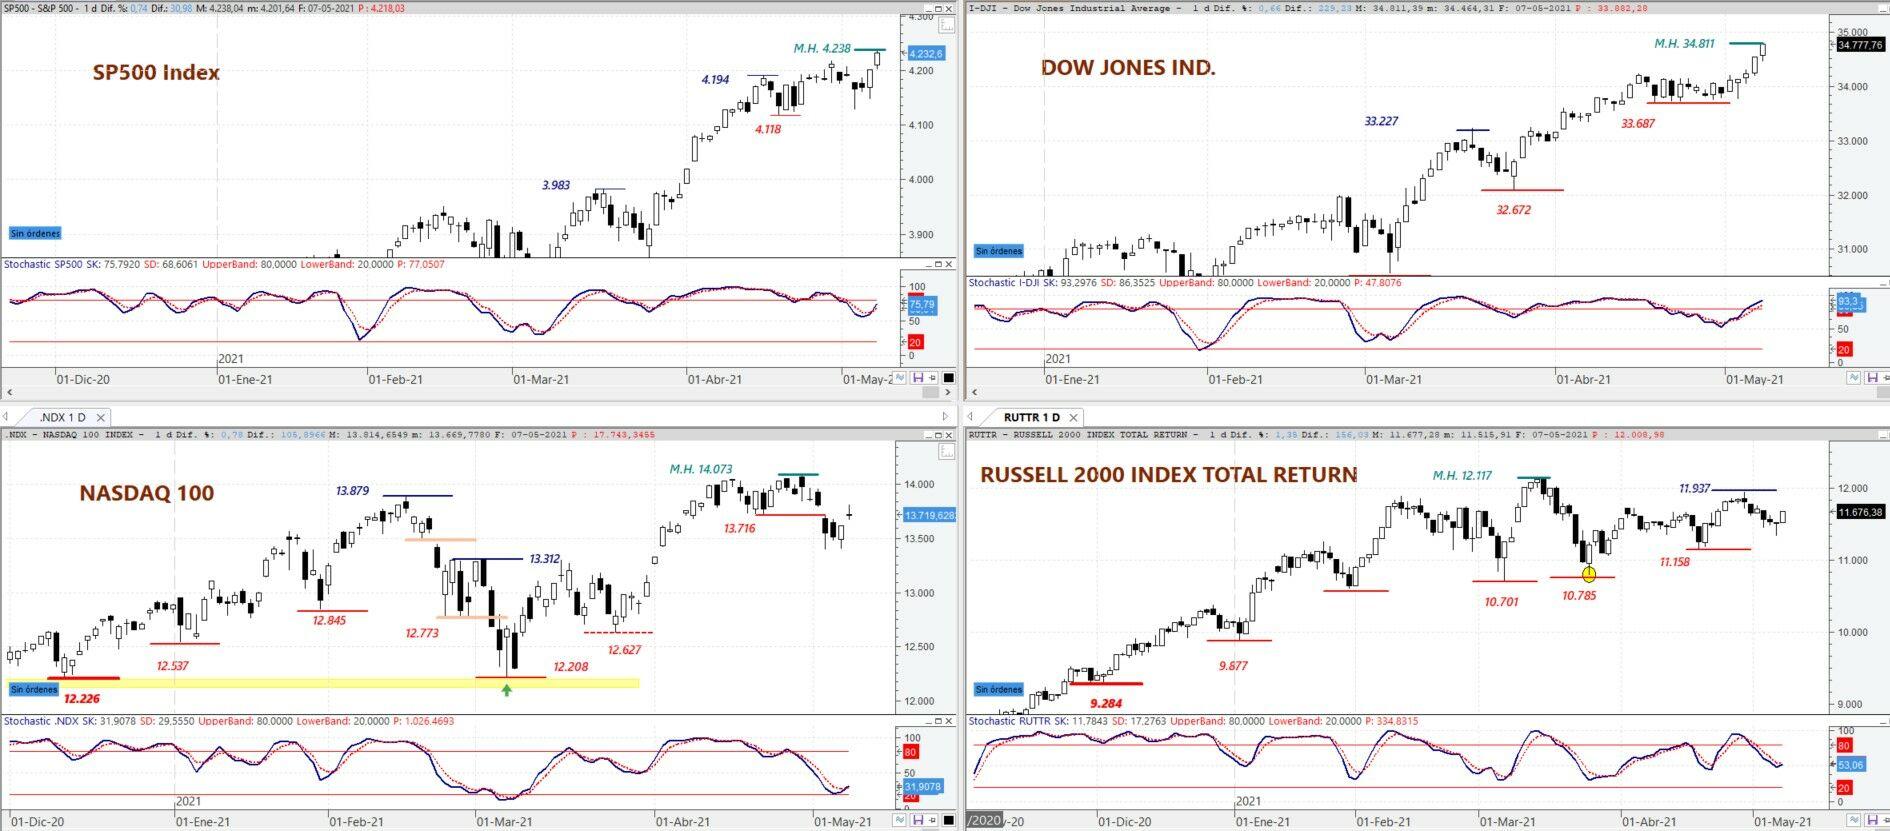 S&P 500,DOW JONES Ind,NASDAQ 100yRussell 2000en gráfico diario